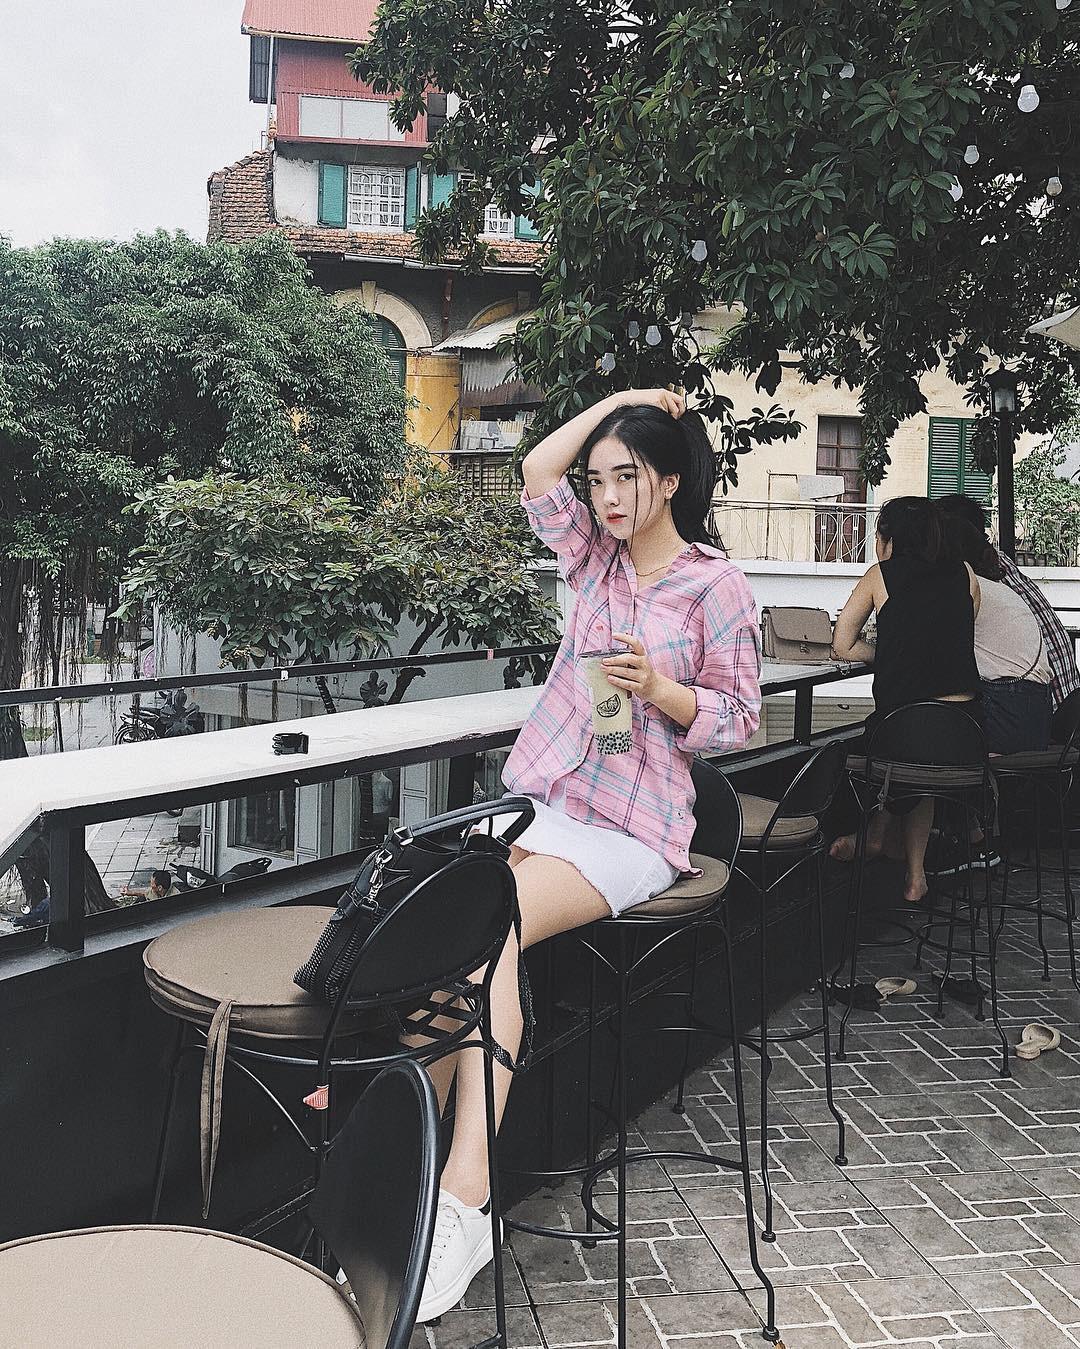 Người yêu Đức Chinh chứng minh: Con gái lúc trên mạng và khi về quê ra mắt là hai khái niệm không hề liên quan - Ảnh 3.